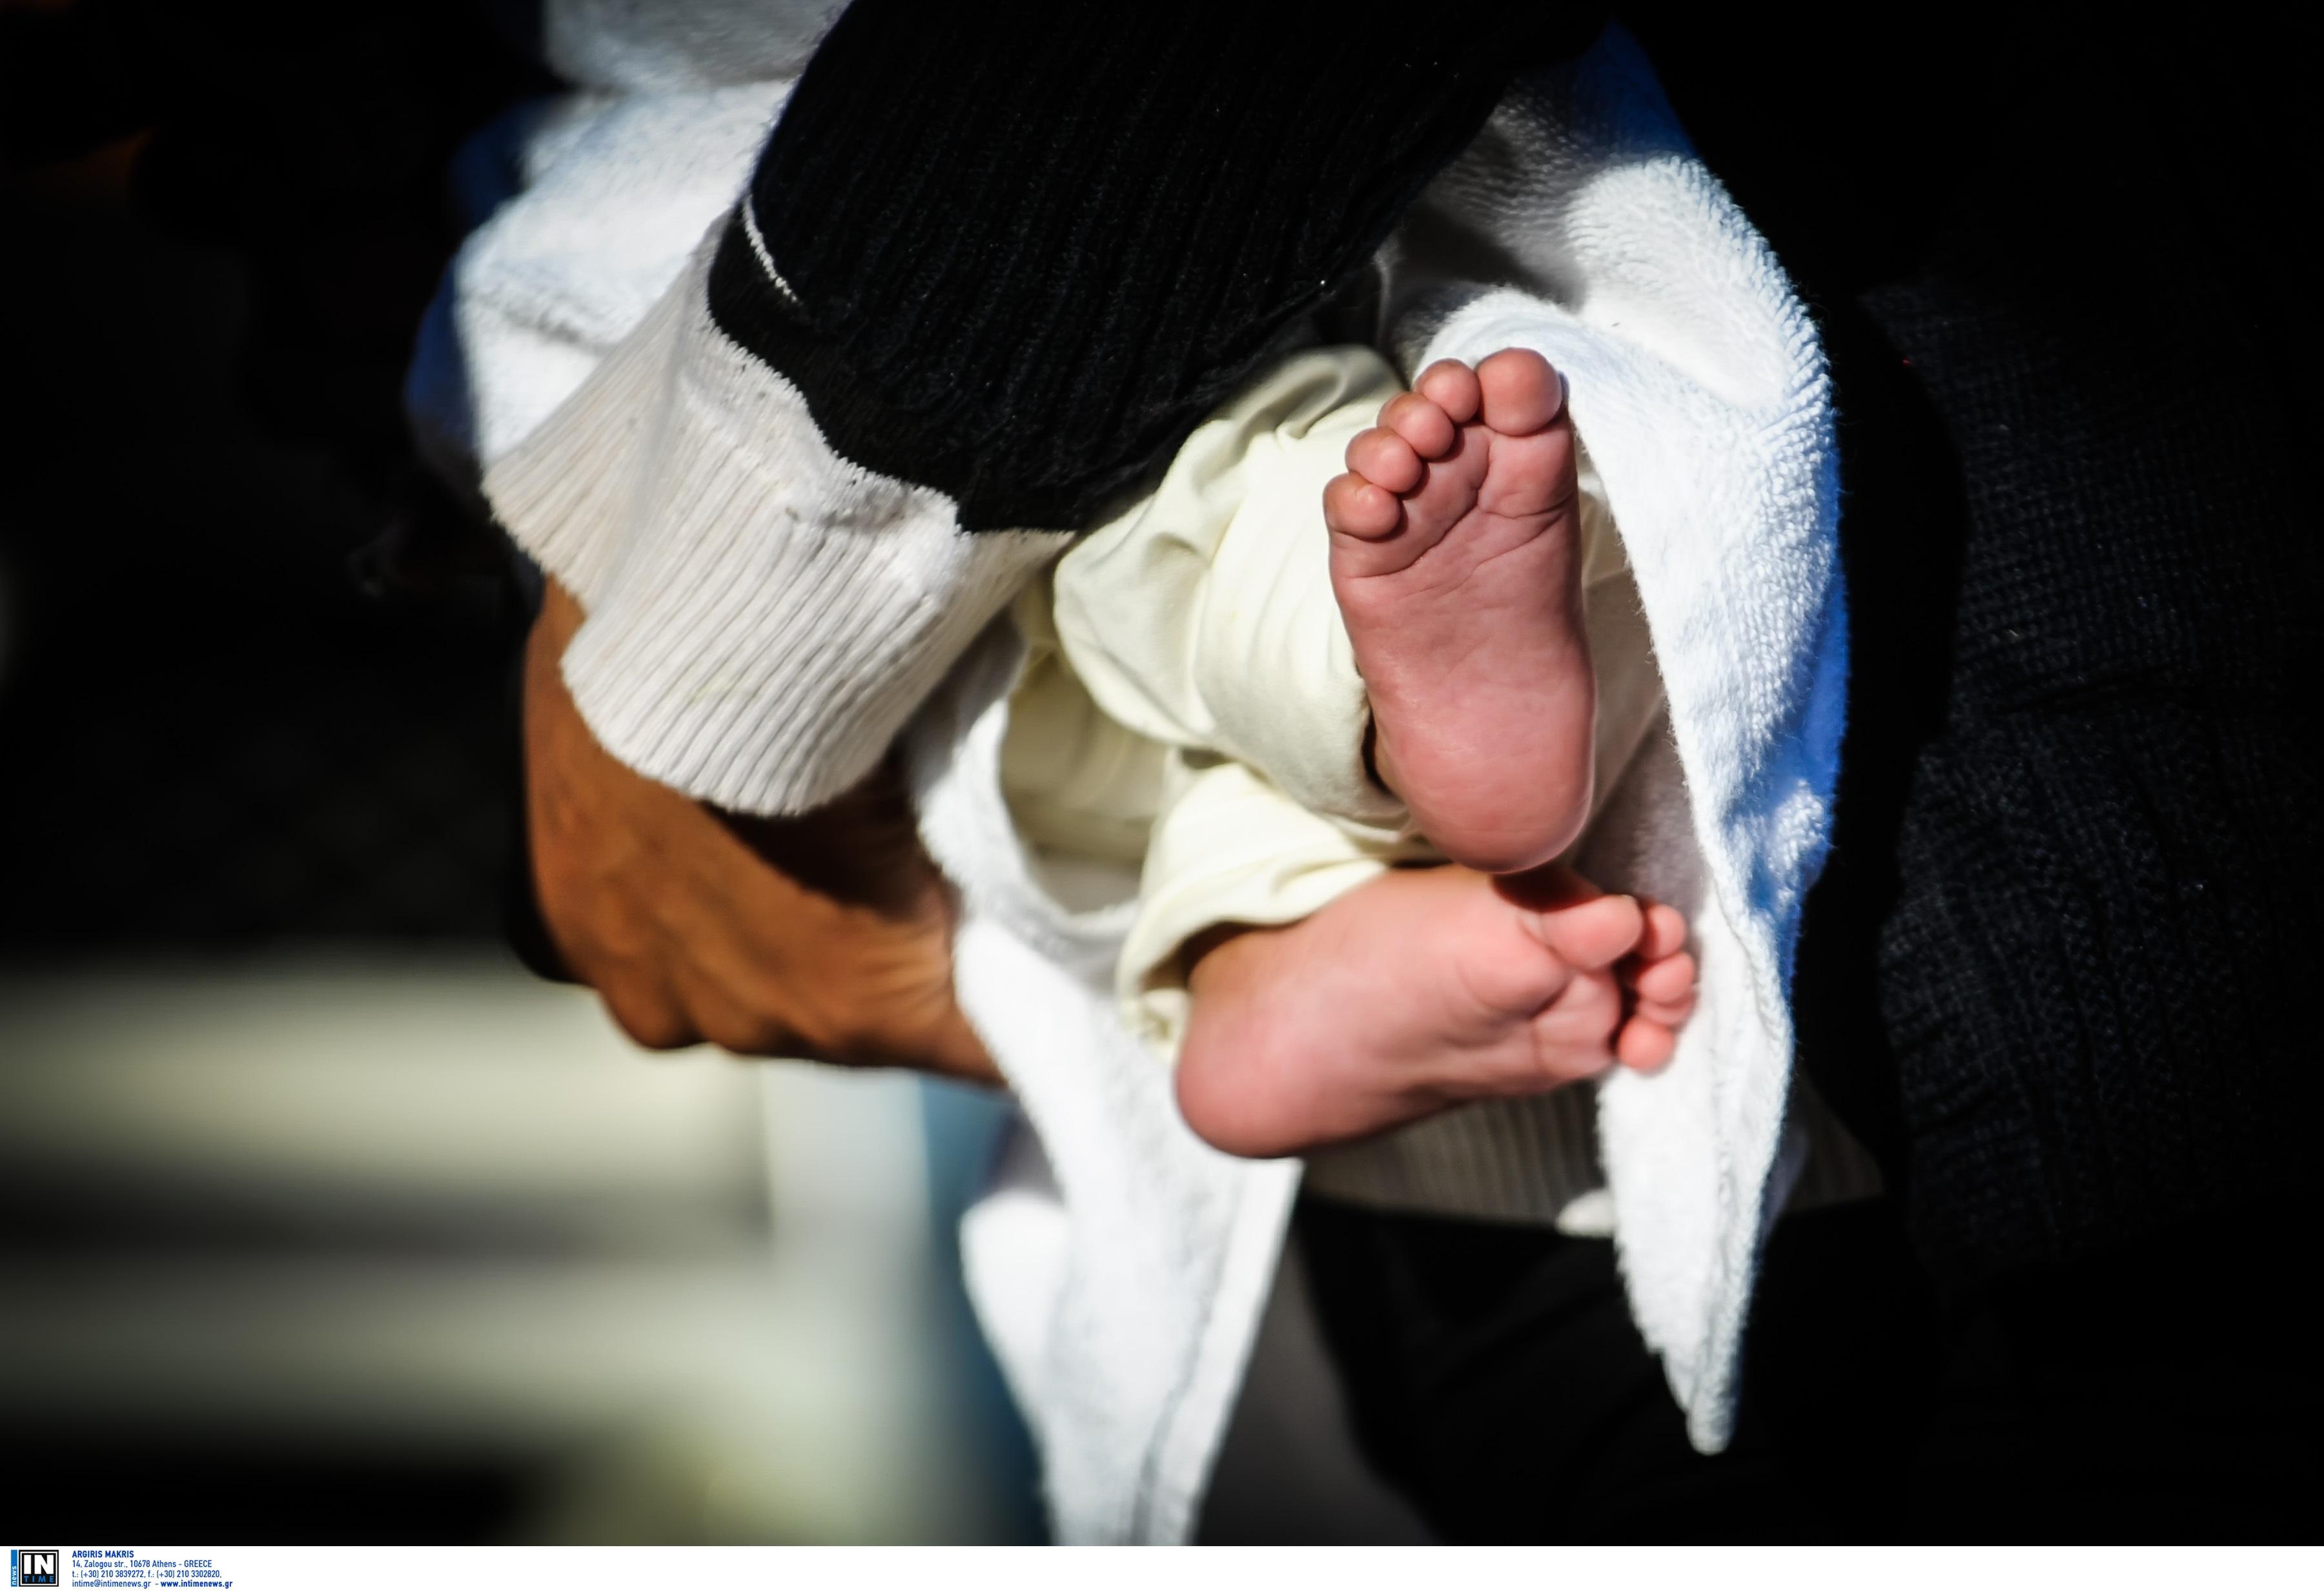 Ζητείται θαύμα Χριστουγέννων! Ιστορία πόνου - Βρέφος 11 μηνών, μαζί με τους γονείς του, χωρίς στέγη